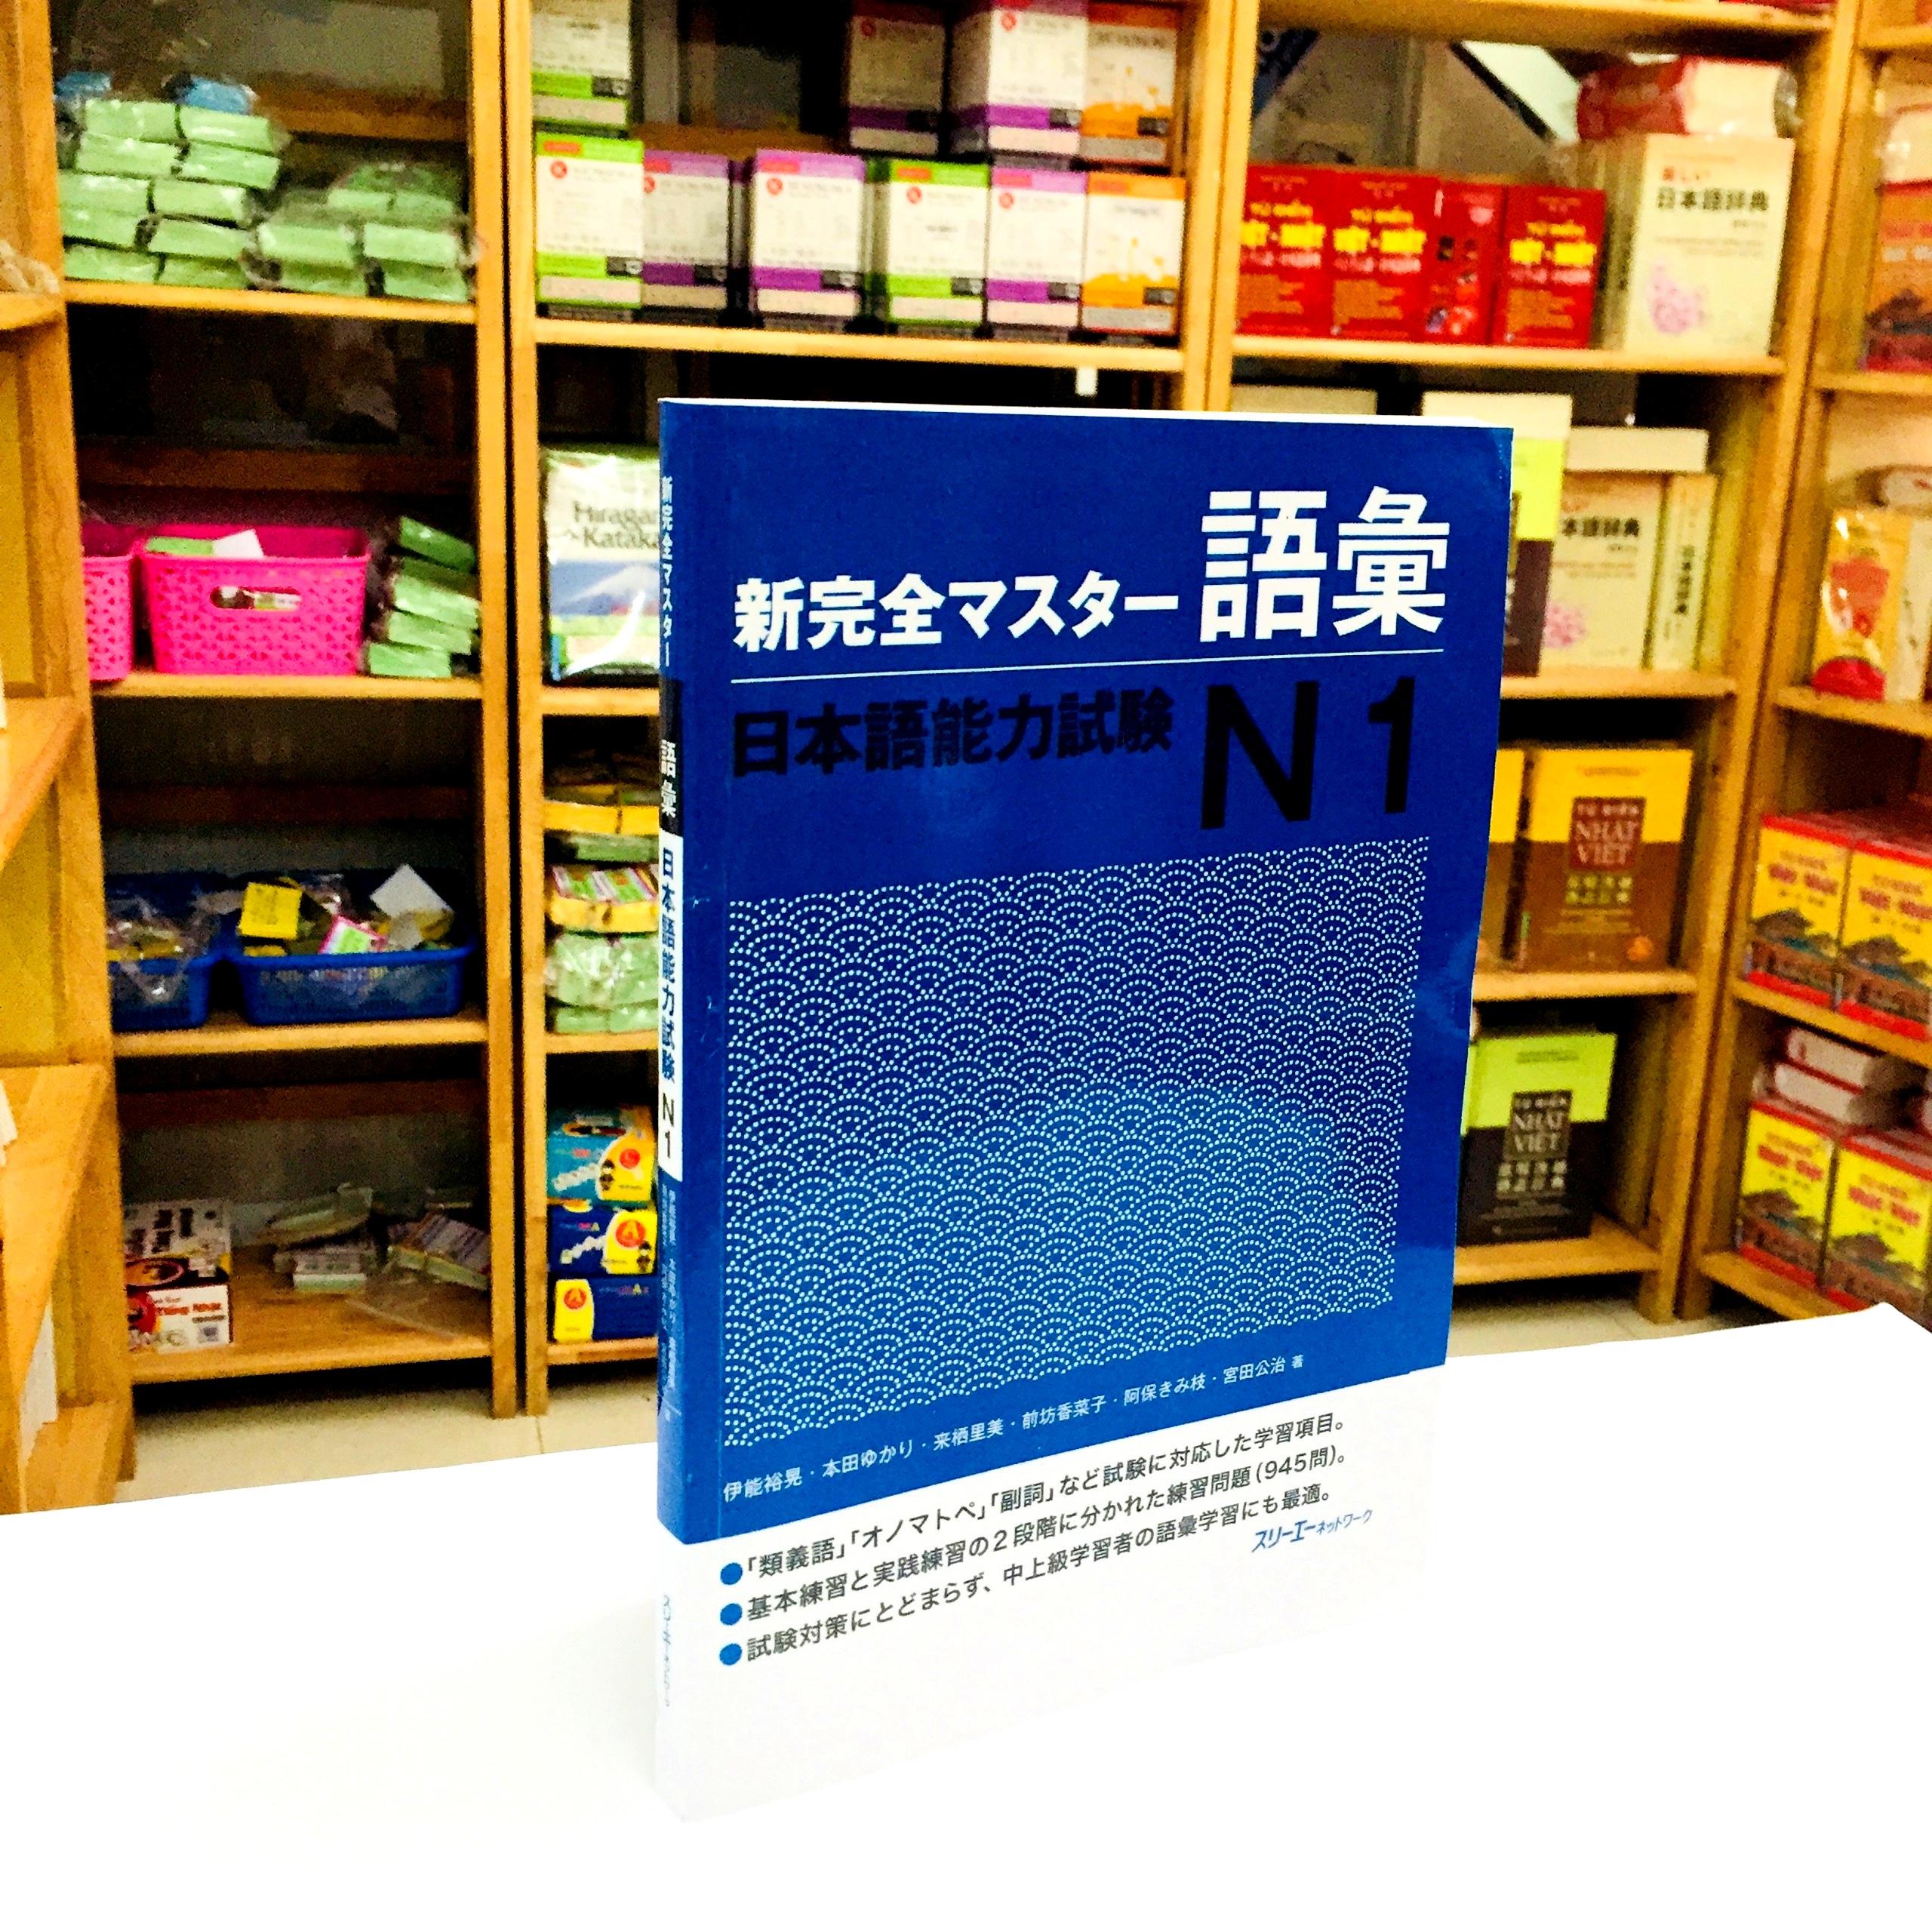 Sách Luyện Thi N1 Shinkanzen Master Goi (Từ Vựng)